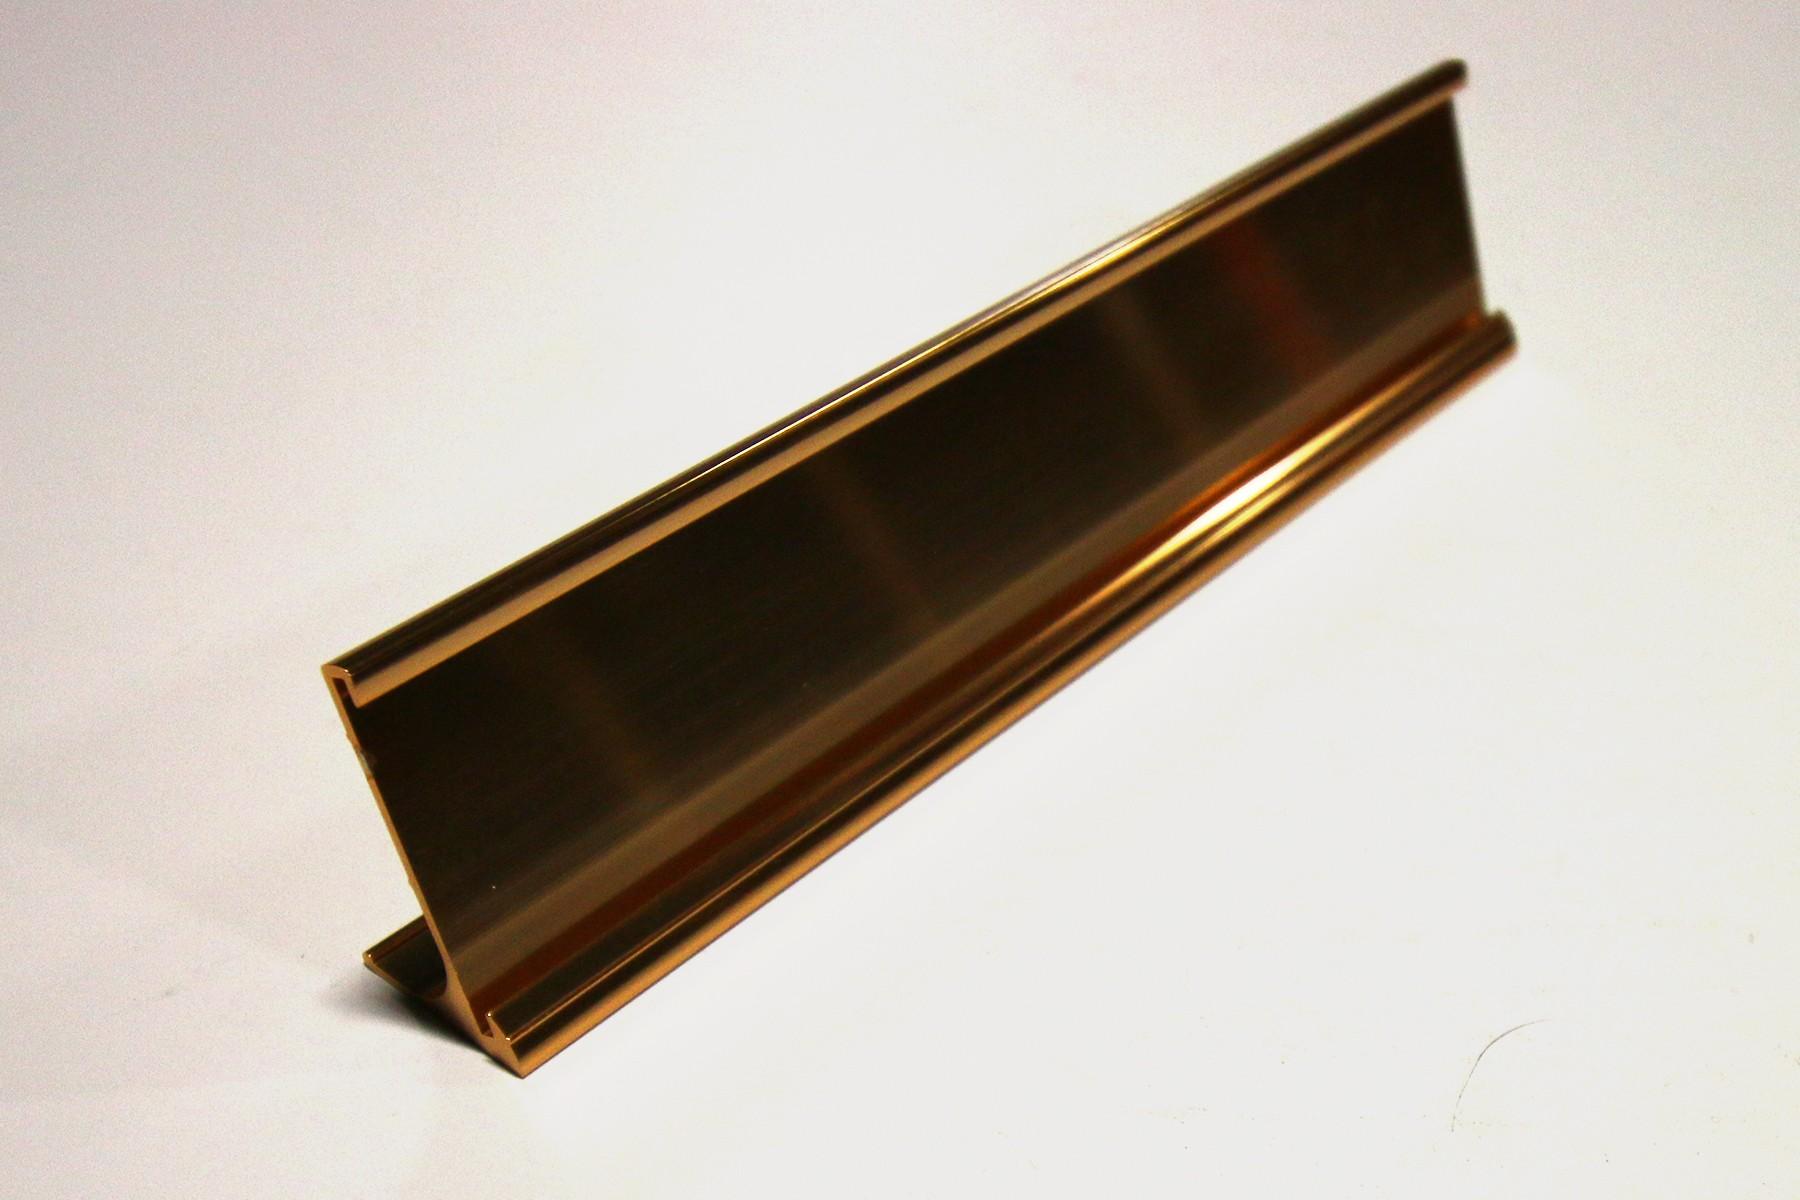 1-1/2 x 9 Desk Holder, Gold